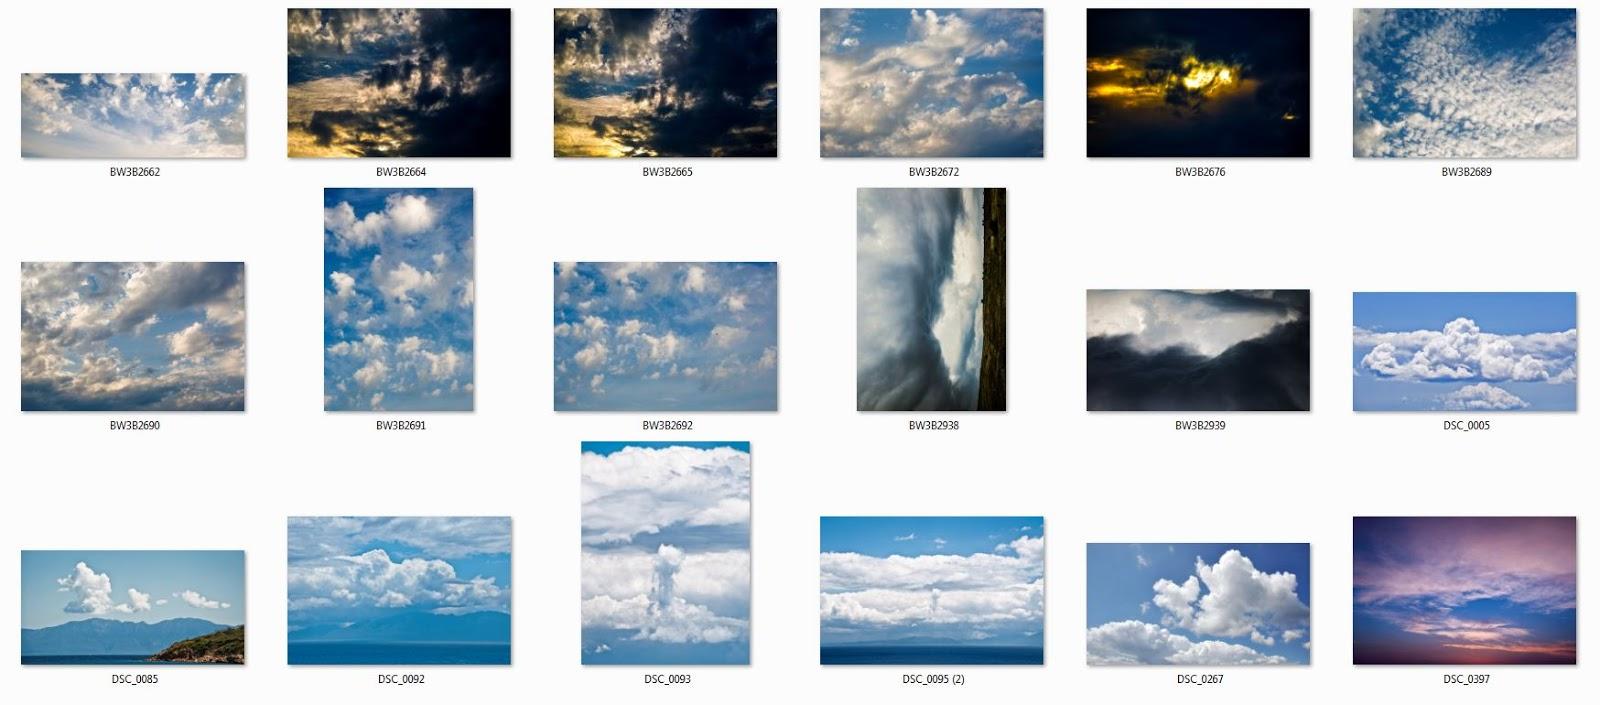 Ücretsiz Bulut ve Gökyüzü Fotoğrafları